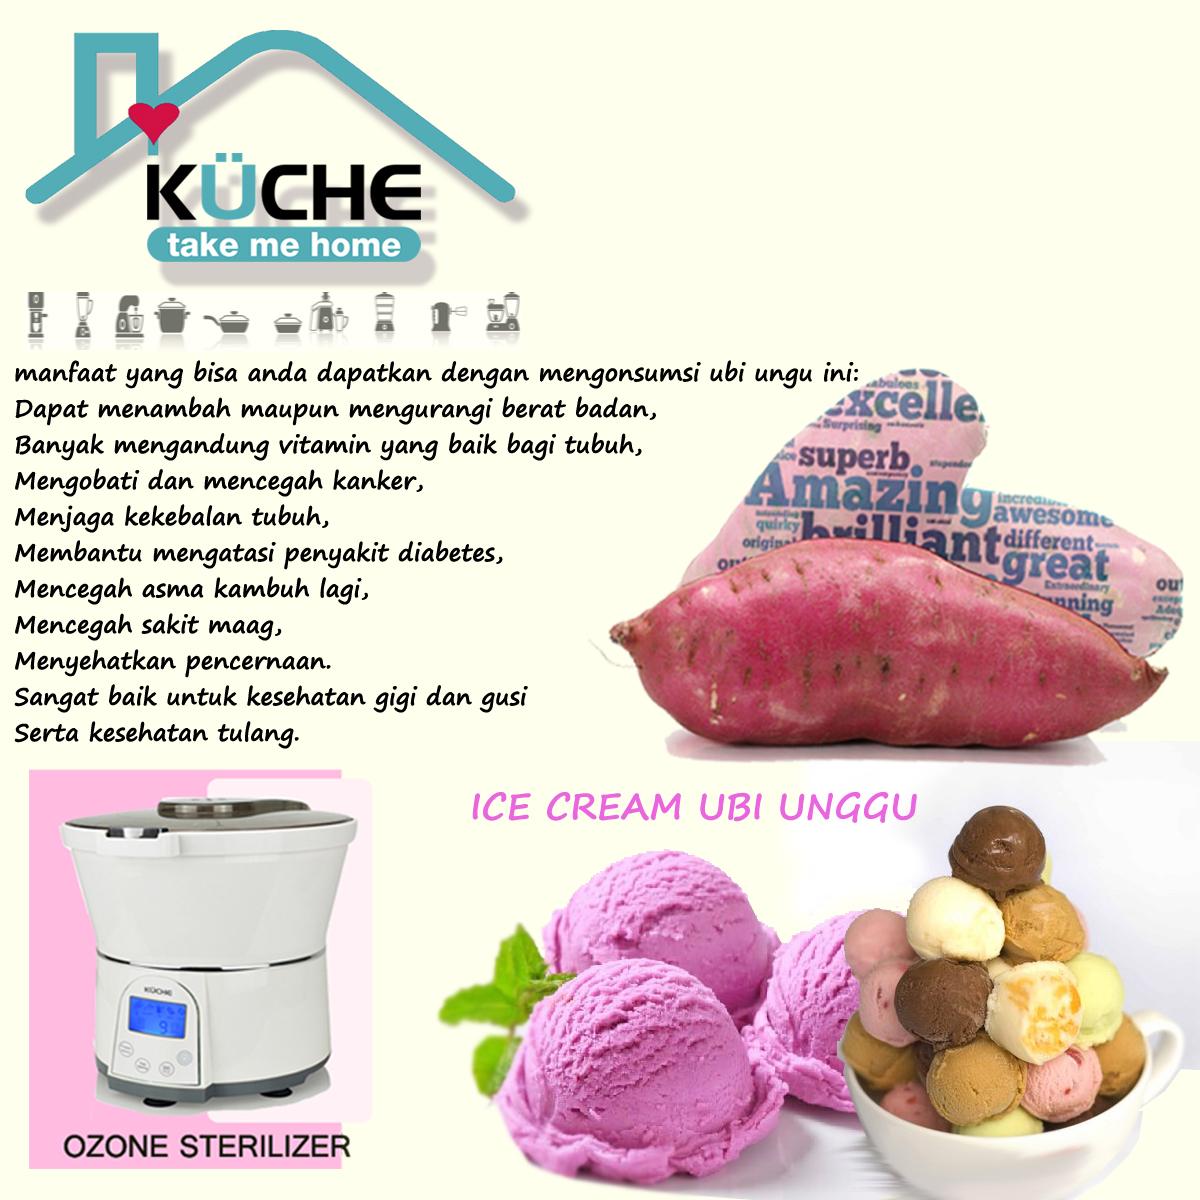 Resep Ice Cream Ubi Unggu | Kuche Indonesia